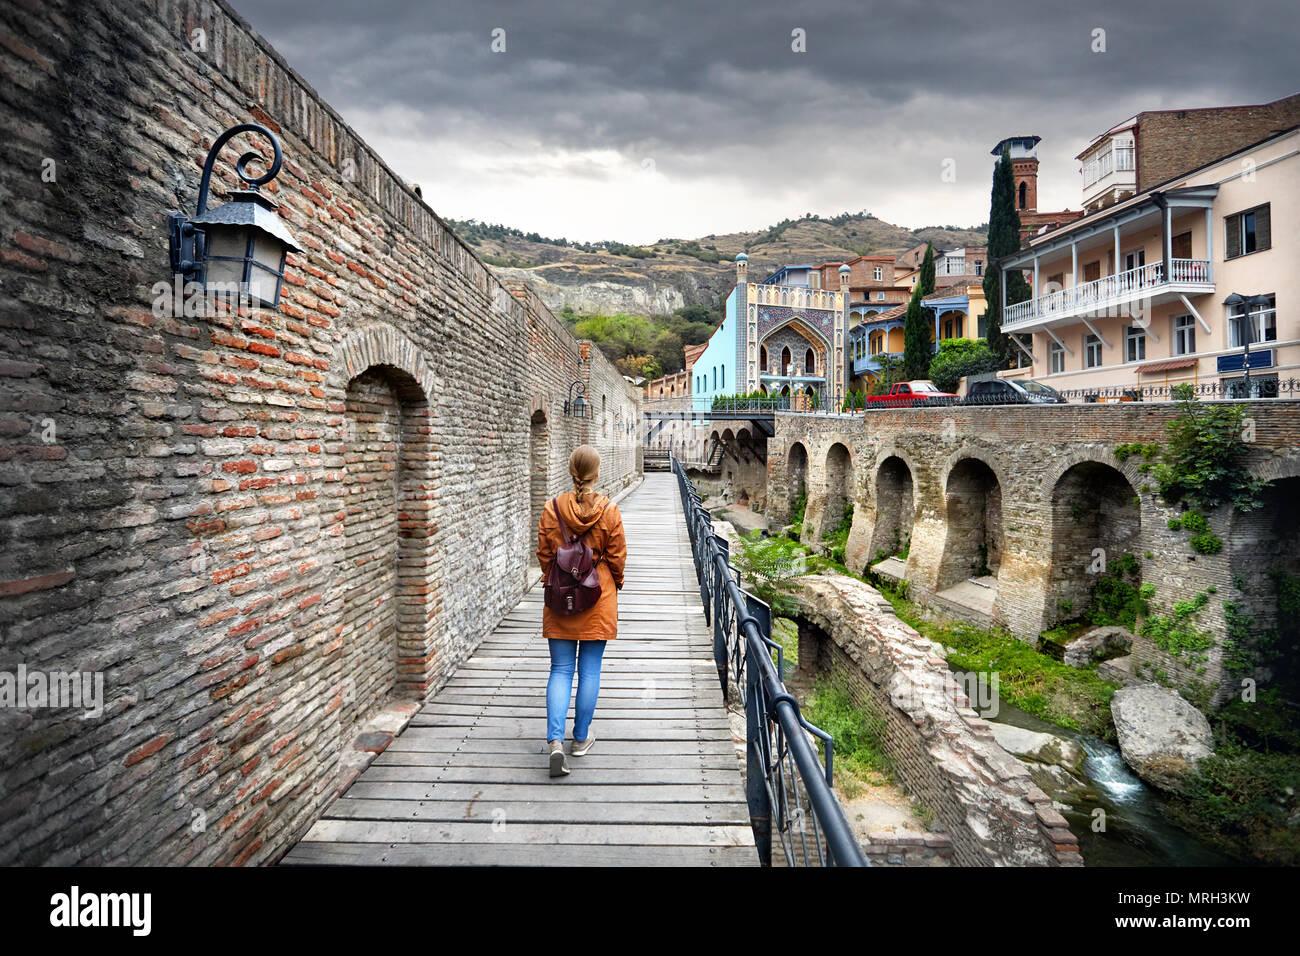 Mujer de turística chaqueta marrón caminando por las antiguas calles de baño sulfúrico público en el centro de distrito de Tbilisi, Georgia Imagen De Stock